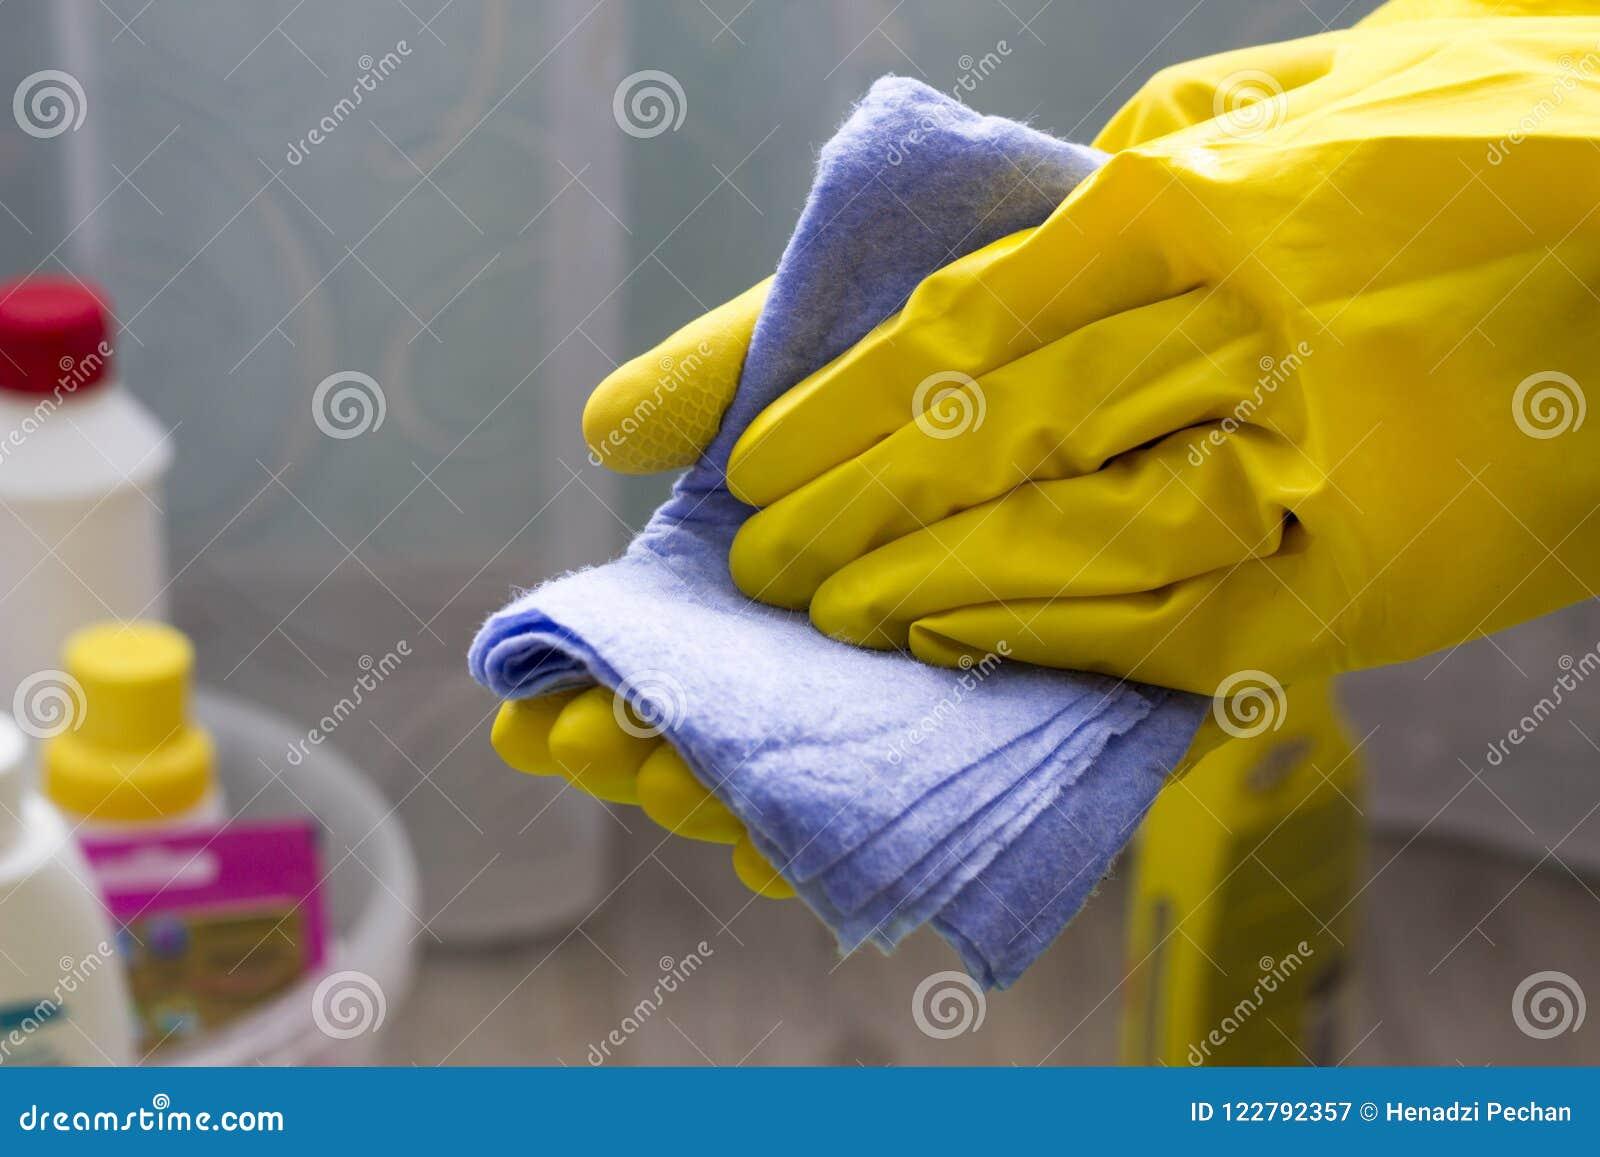 Dziewczyna w żółtych rękawiczkach trzyma łachman, zakończenia sprzątanie